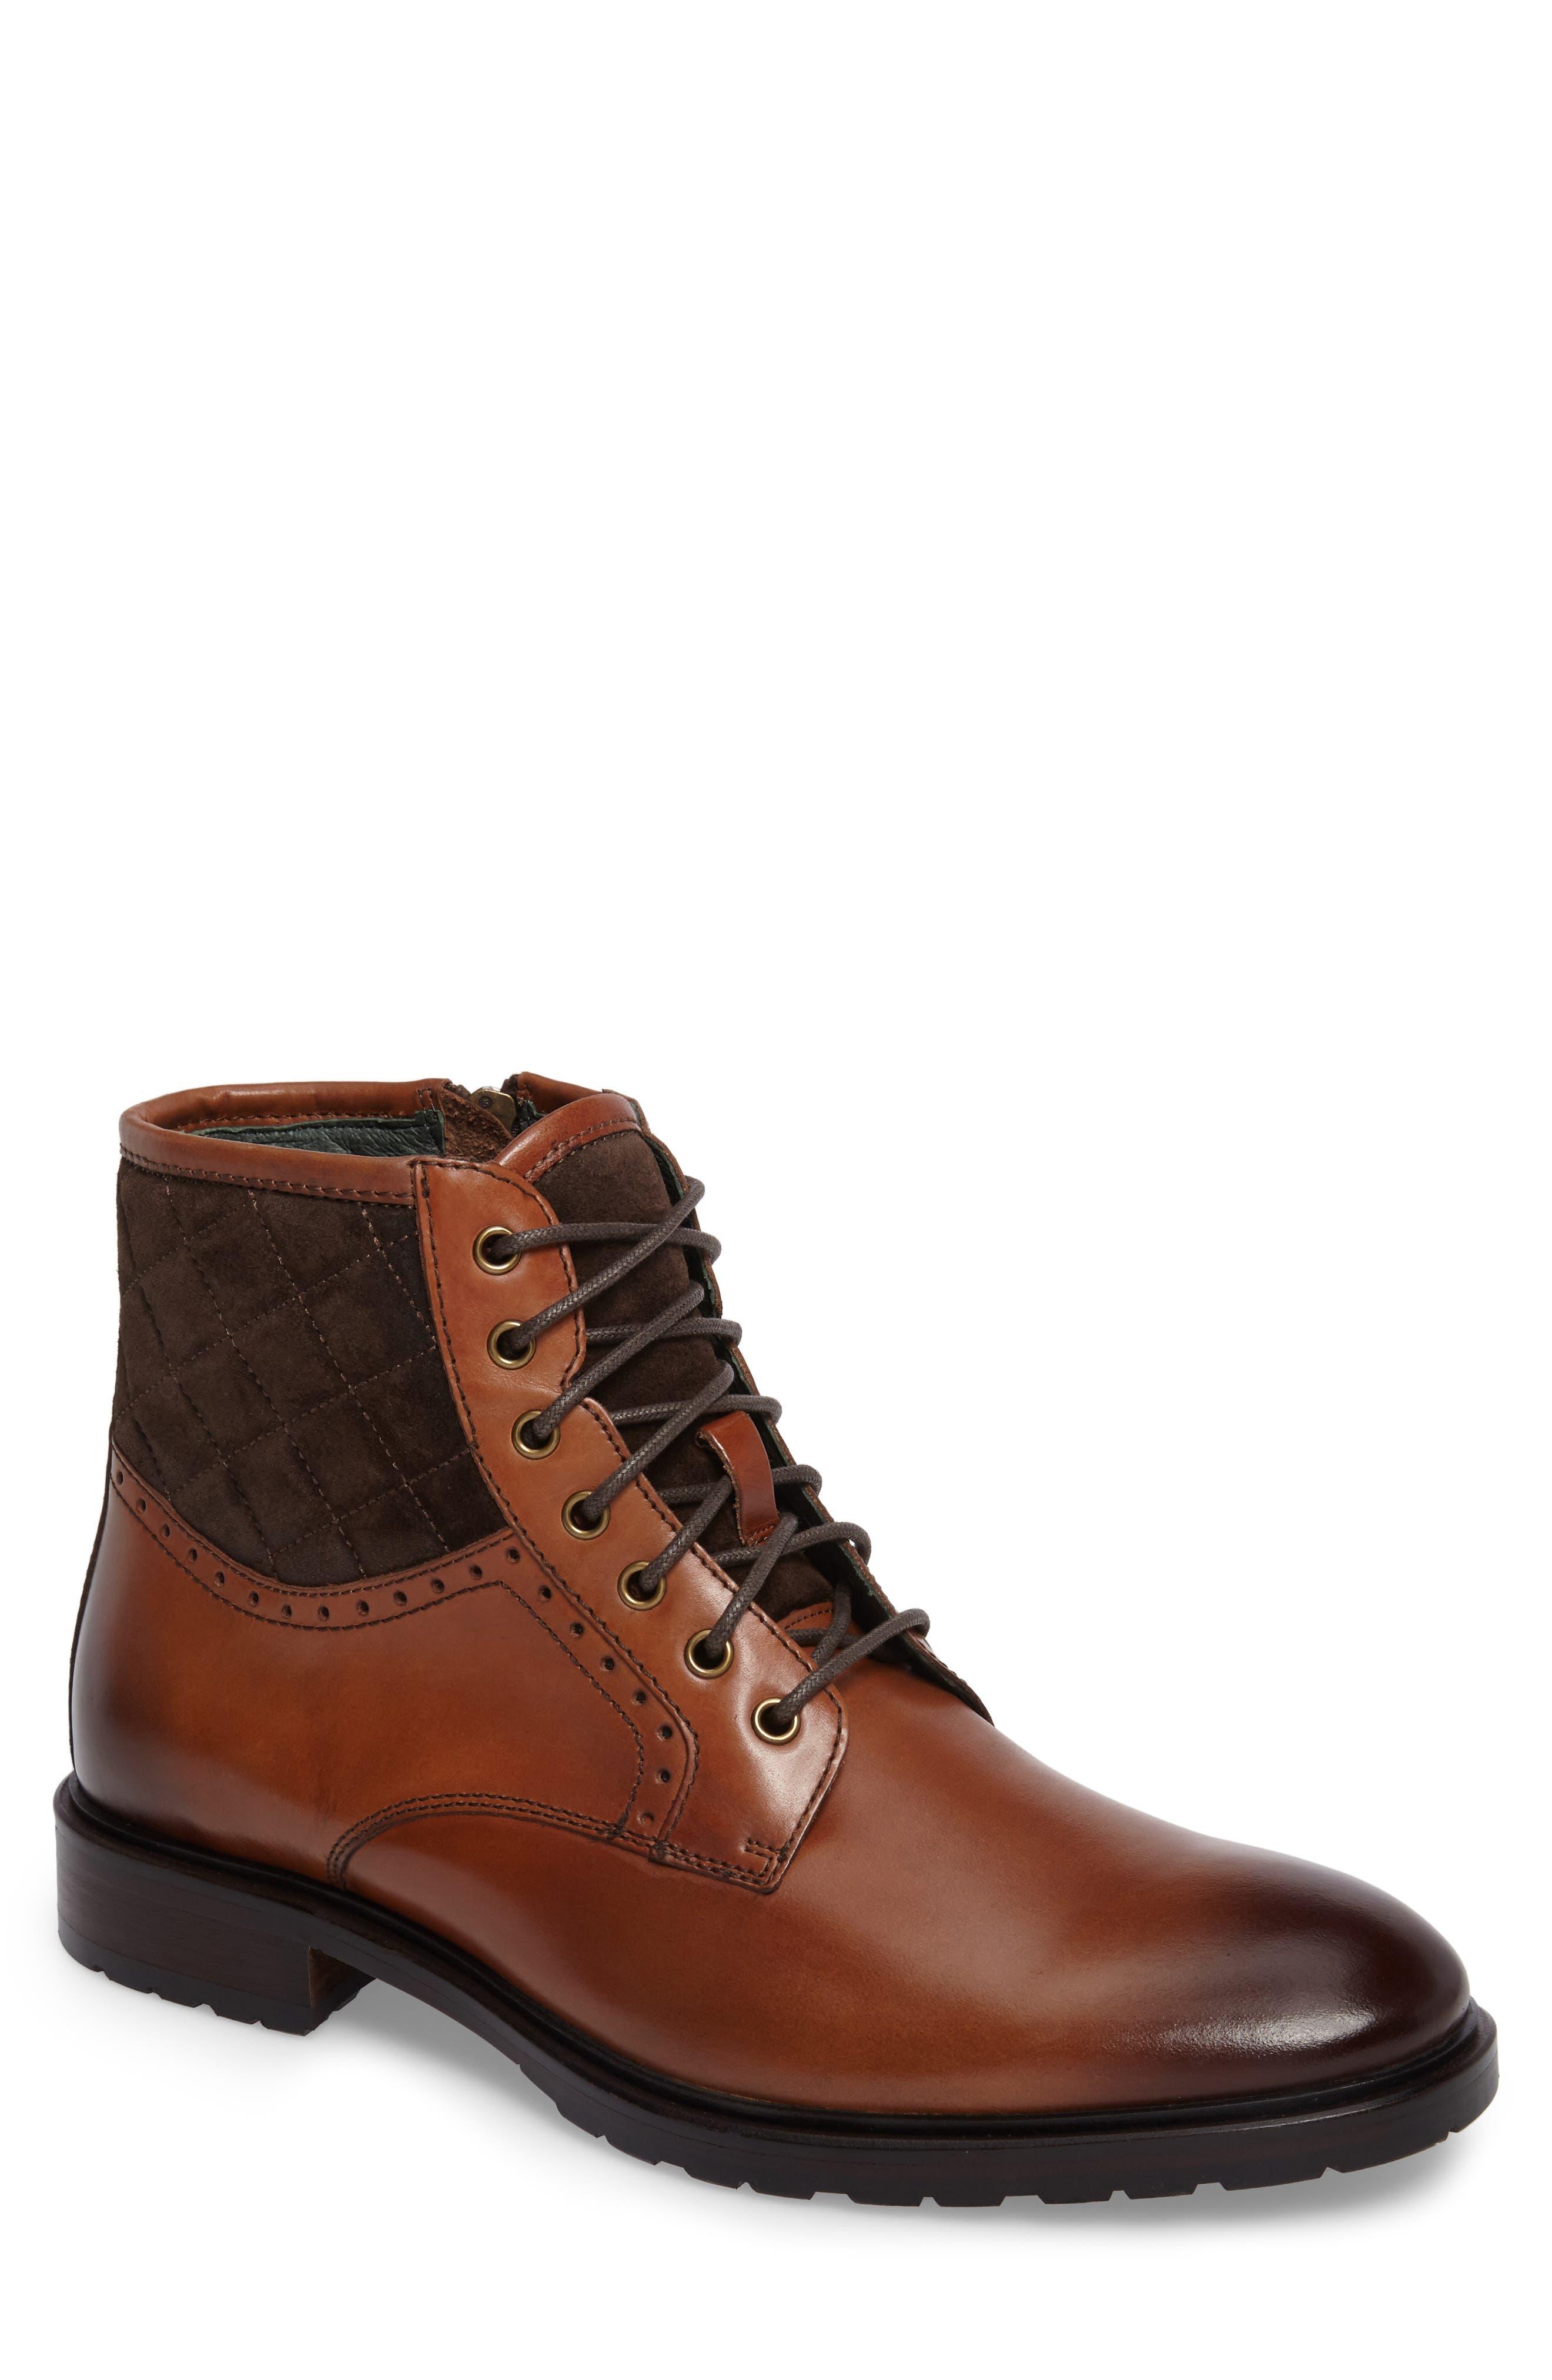 Main Image - J&M 1850 Myles Plain Toe Boot (Men)